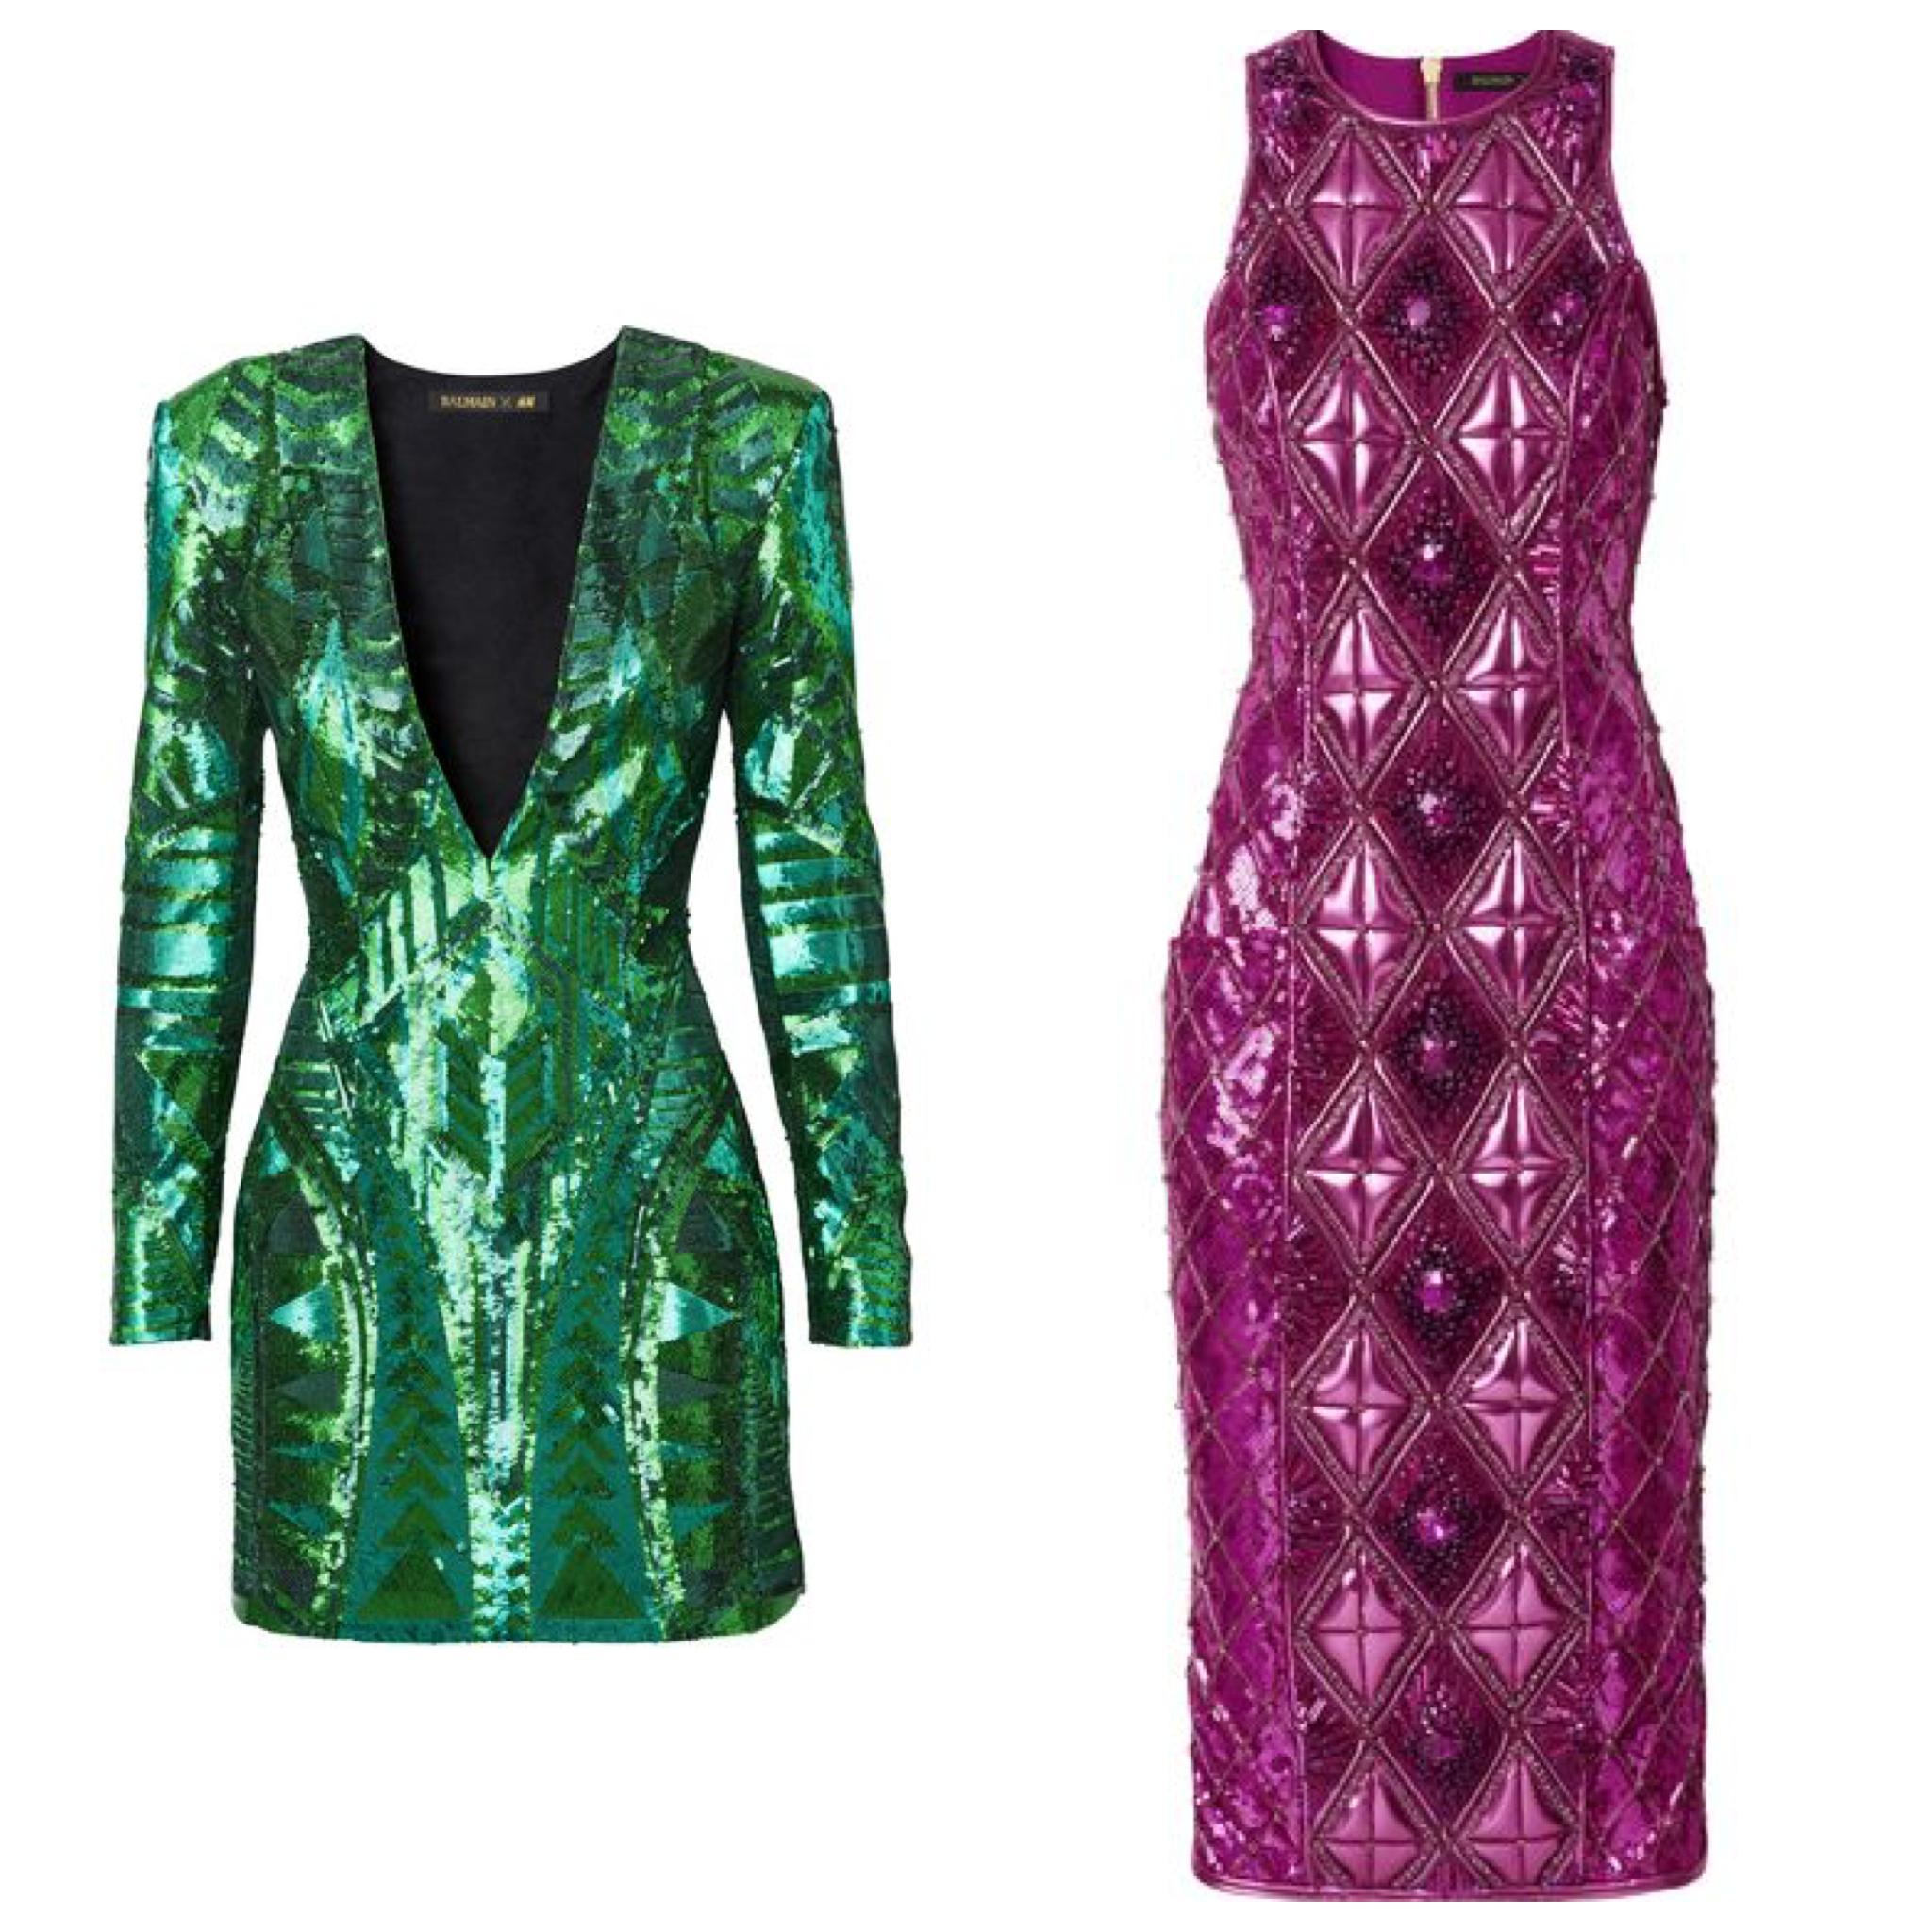 Balmain HXM Kendall jenner green dress pink